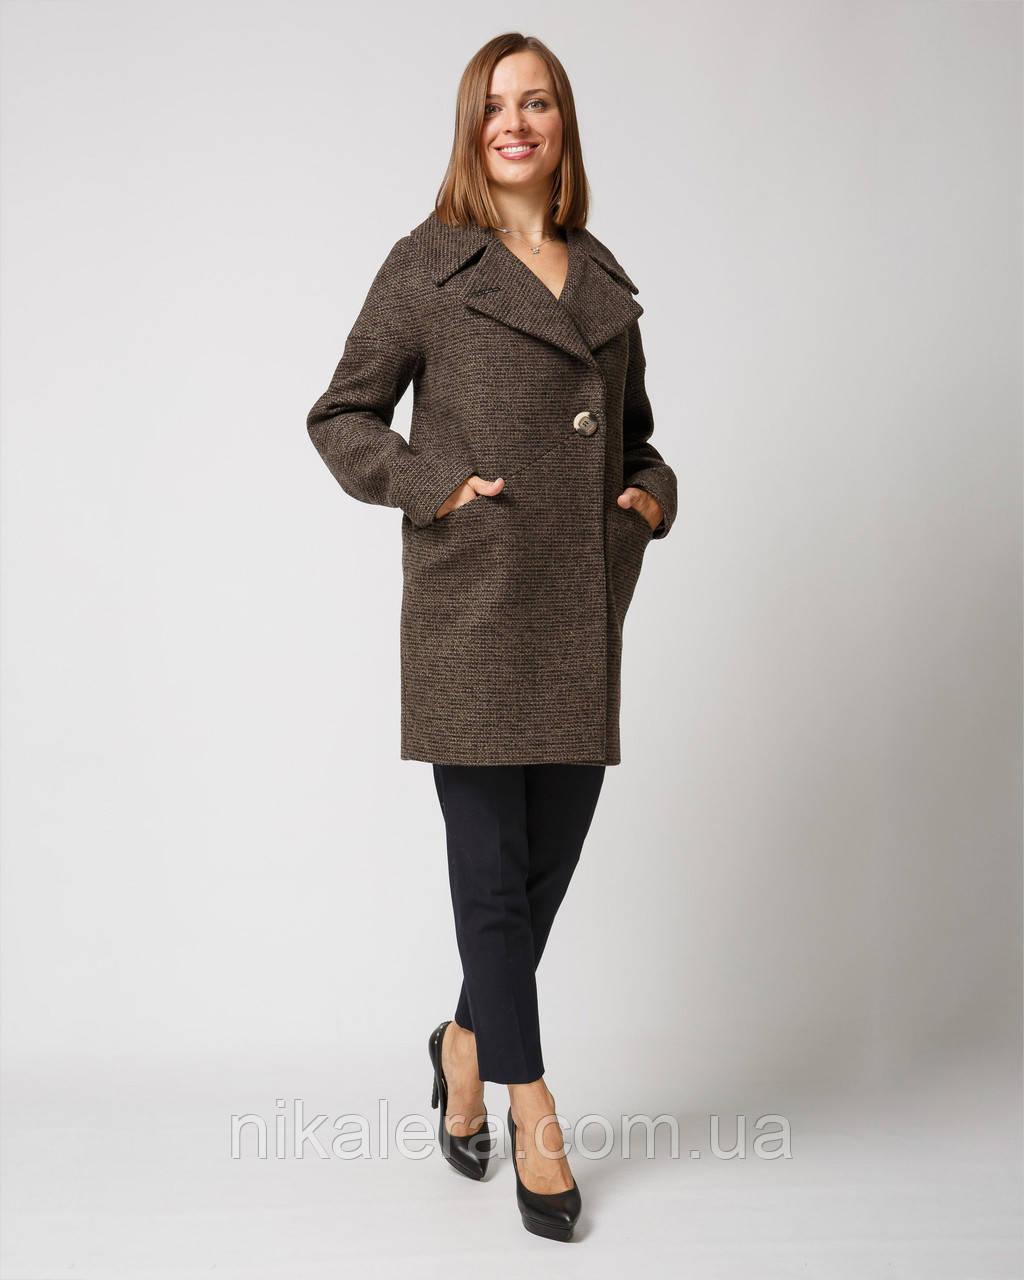 Стильное демисезонное пальто с английским воротом рр 42-52